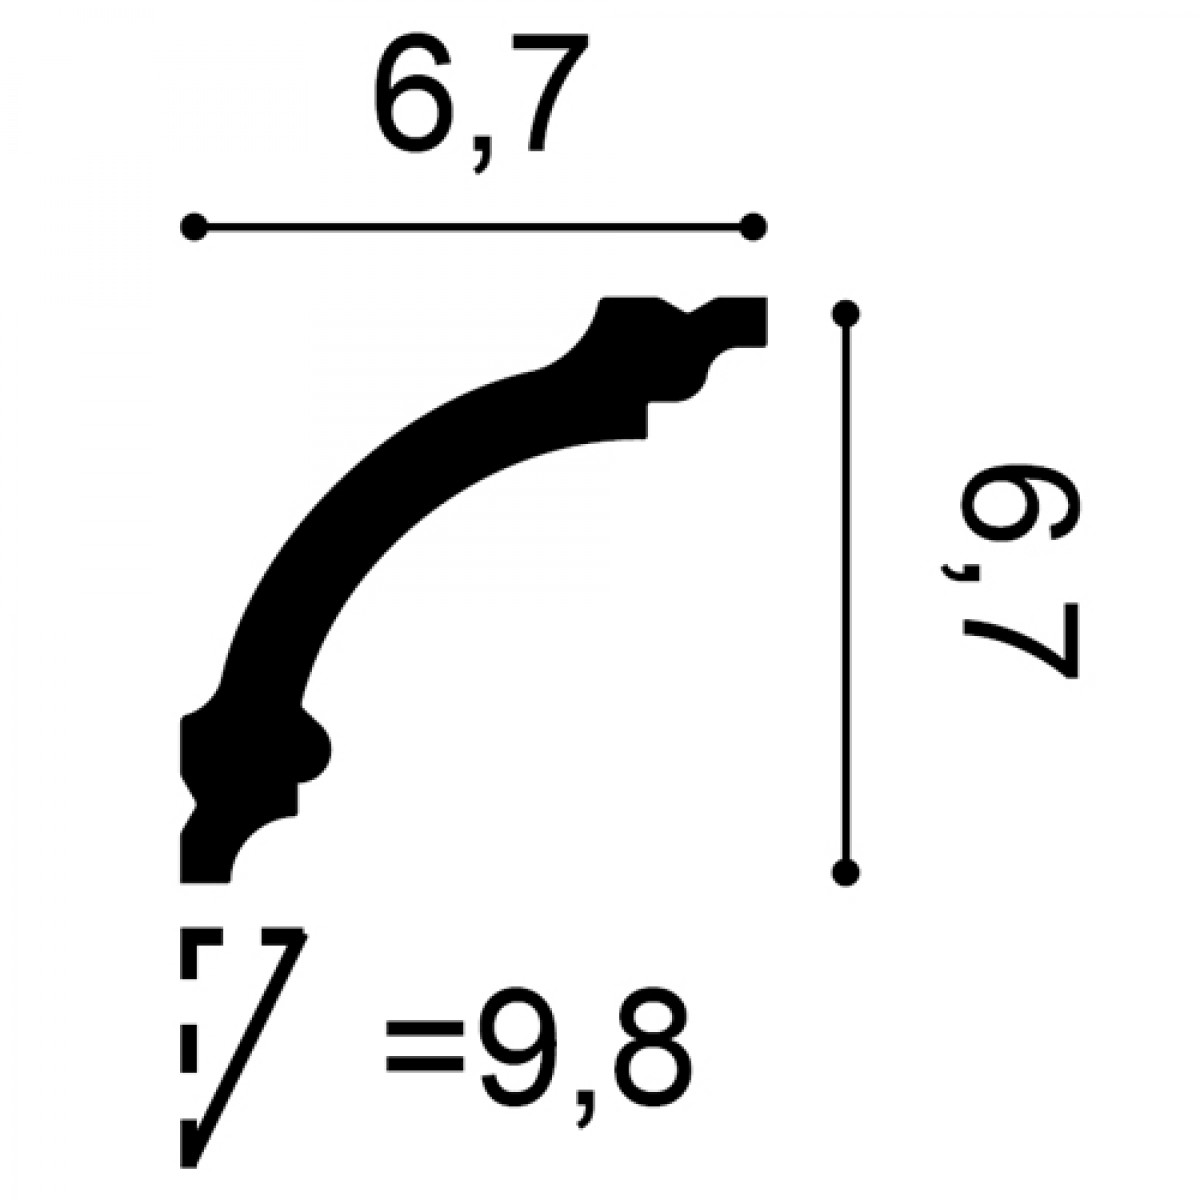 Cornisa Basixx CB511, Dimensiuni: 200 X 6.7 X 6.7 cm, Orac Decor